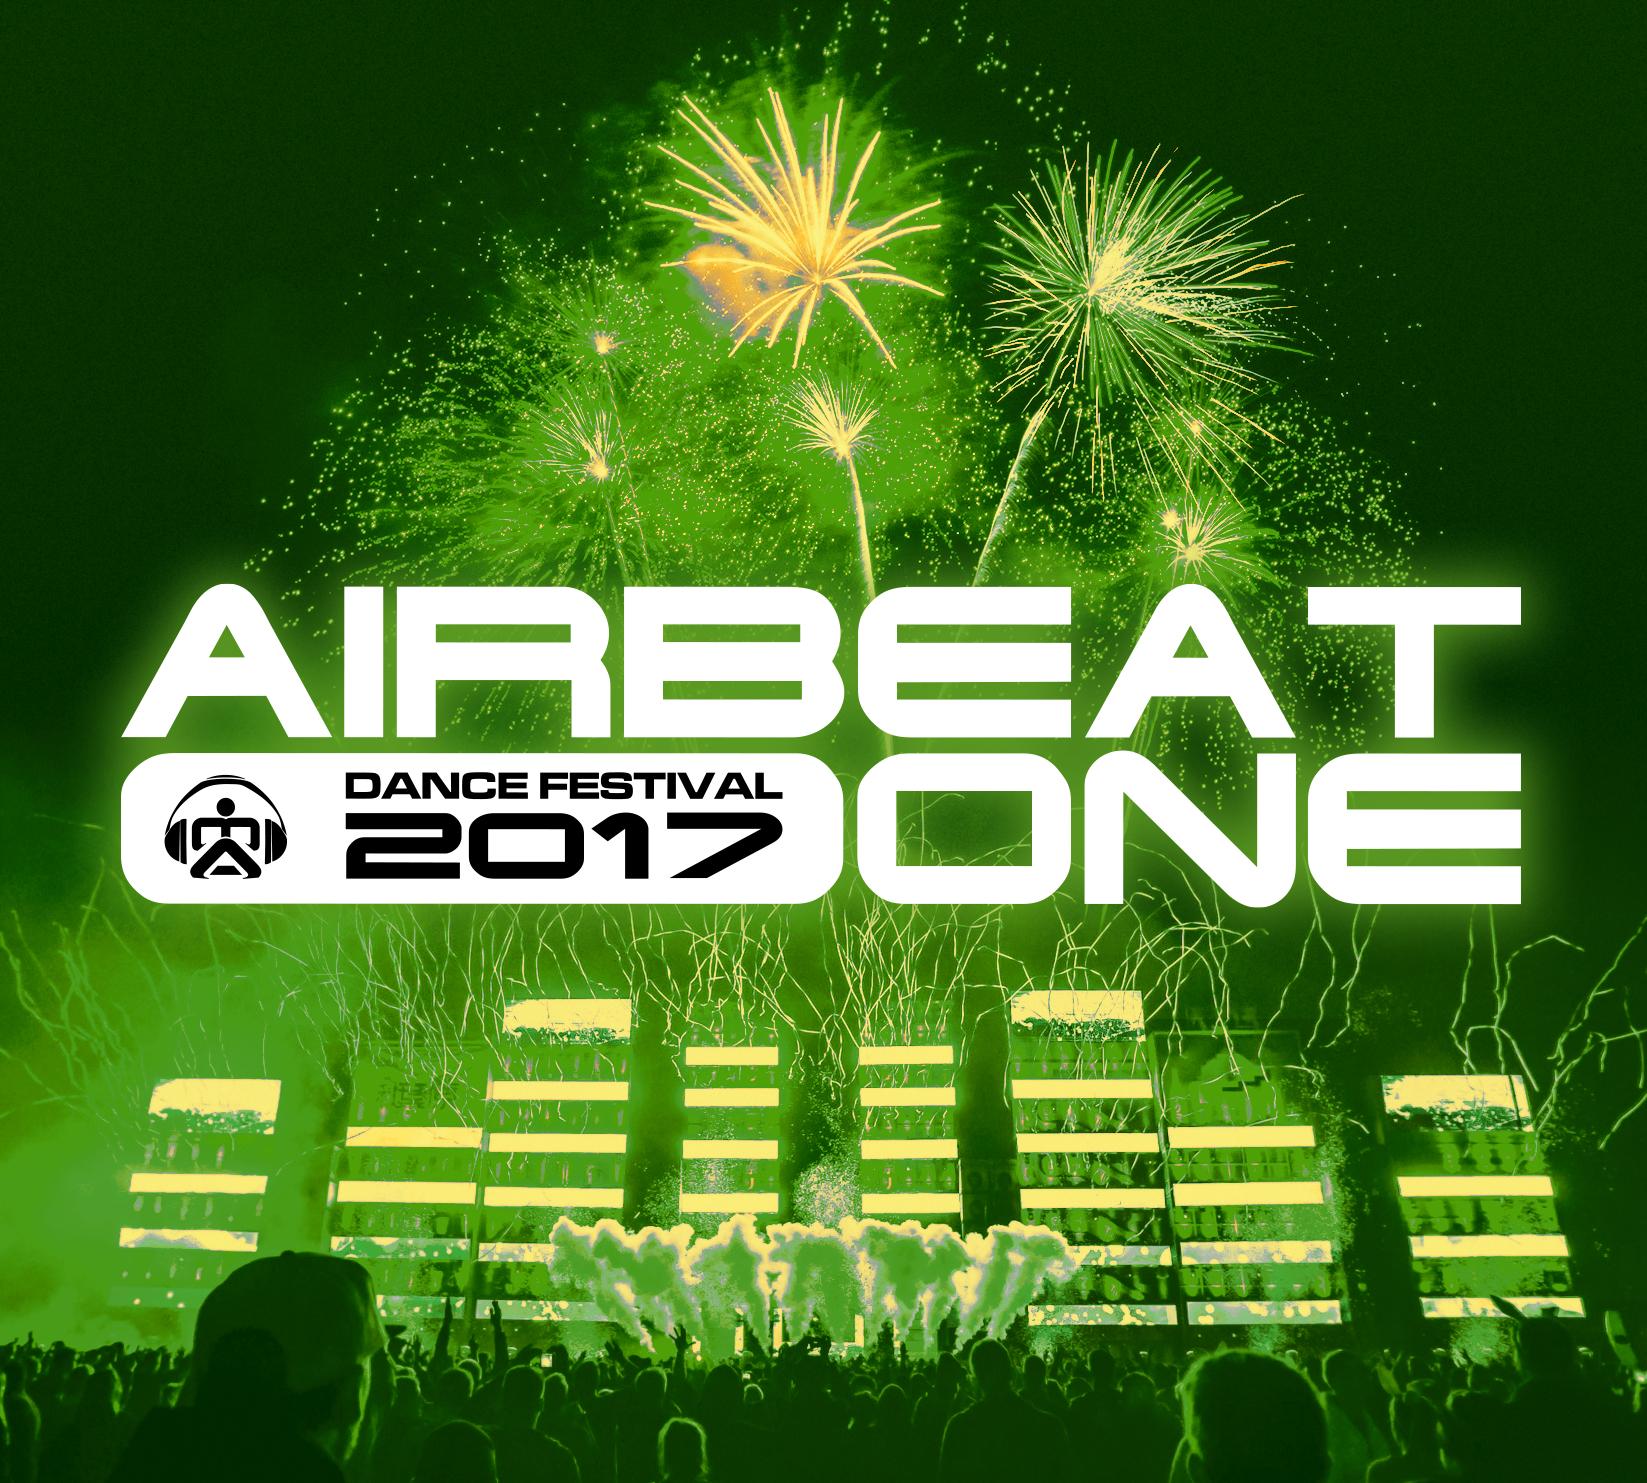 Zum Einstimmen auf das Festival: Airbeat One 2017 Compilation